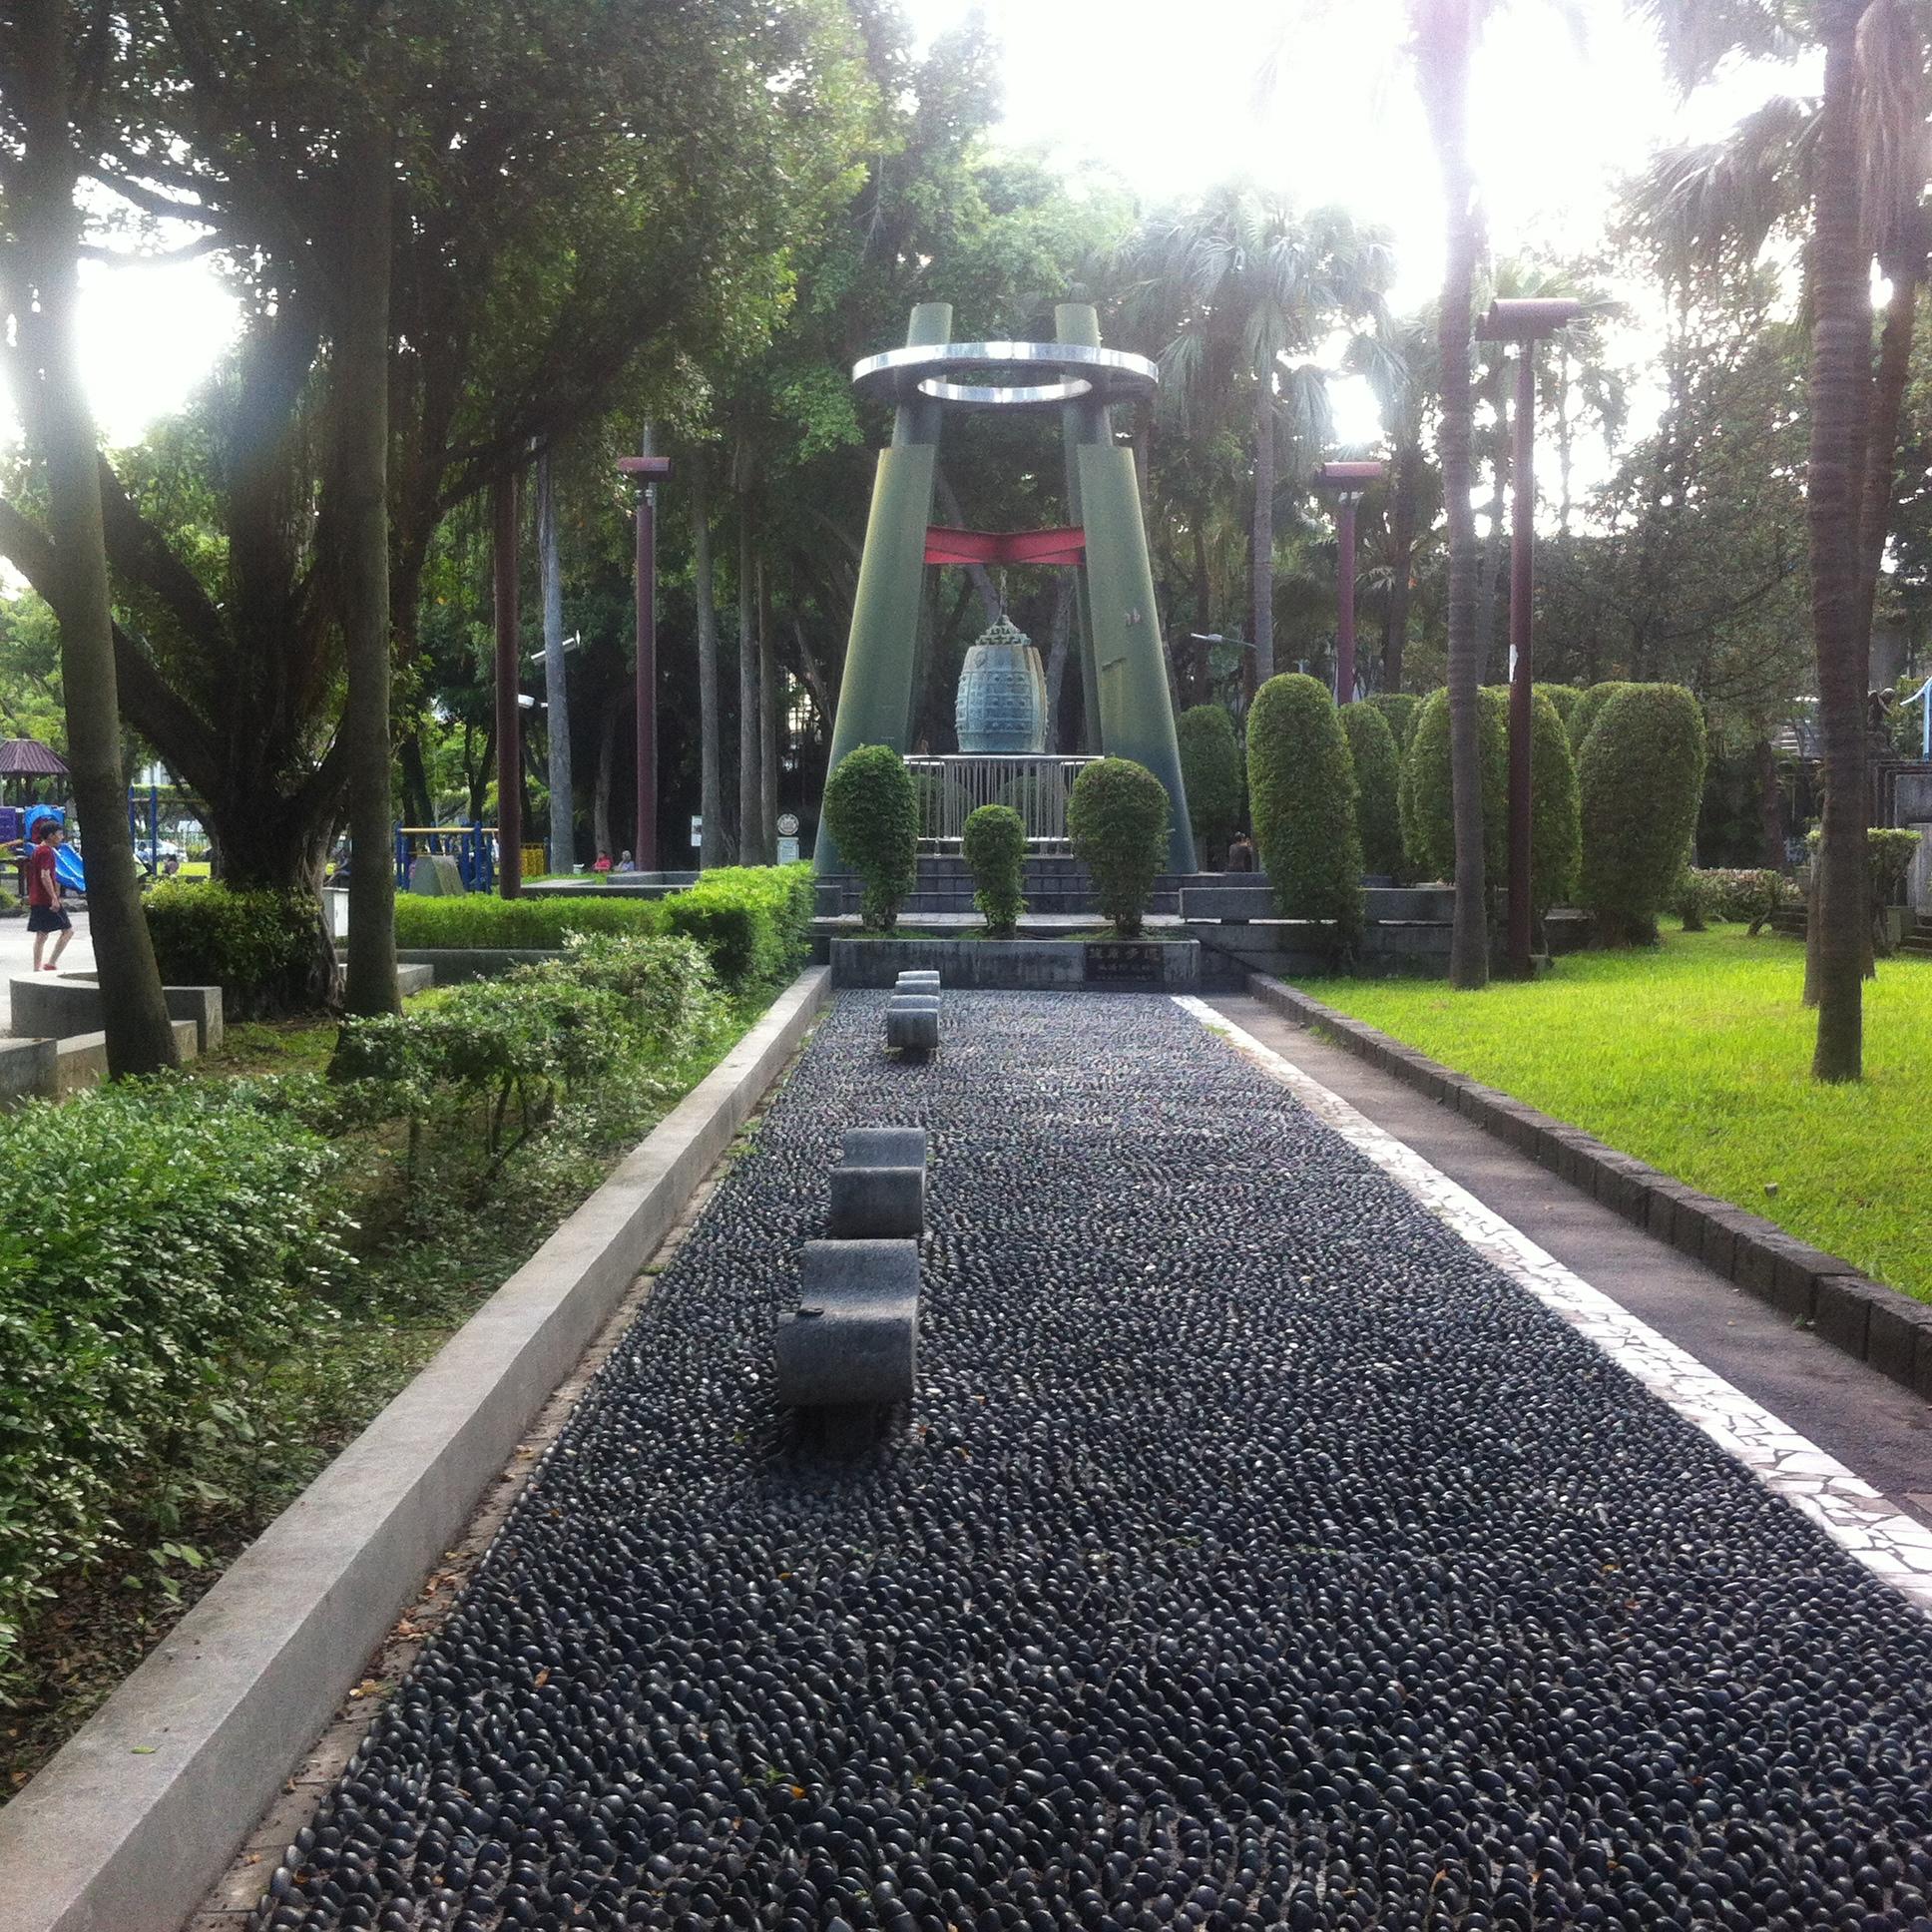 【観光】二二八和平公園にはなんと台湾初の蒸気機関車があるよ!